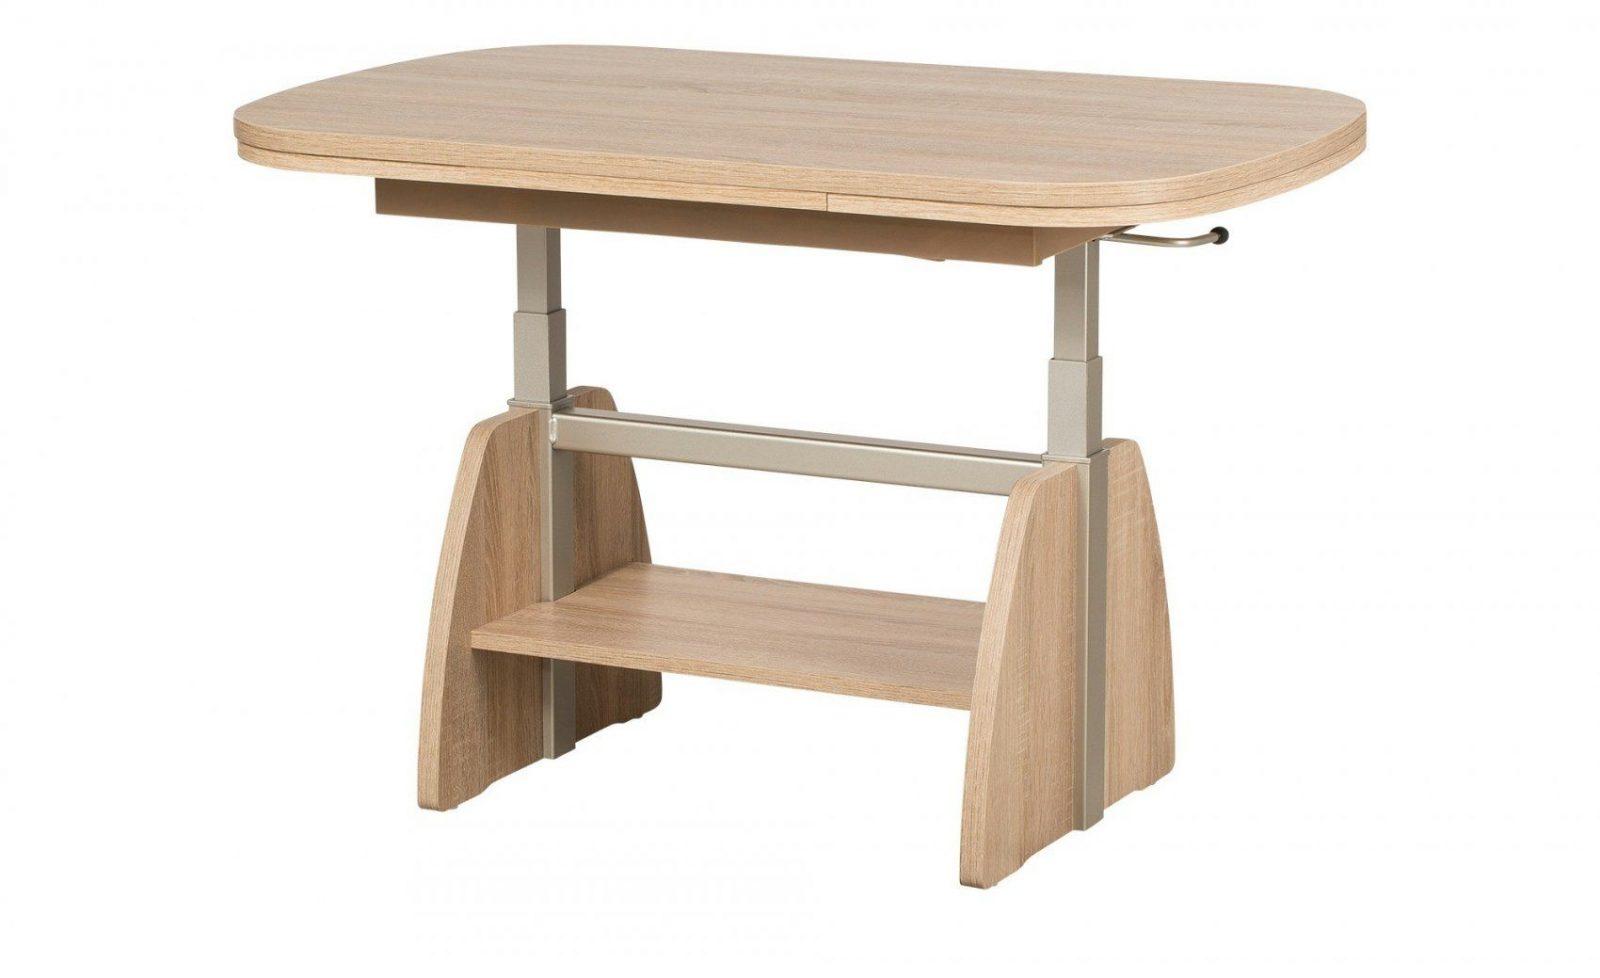 Stilvoll Couchtisch Verstellbar Ausziehbar Bei Möbel Kraft Online von Möbel Kraft Couchtisch Photo